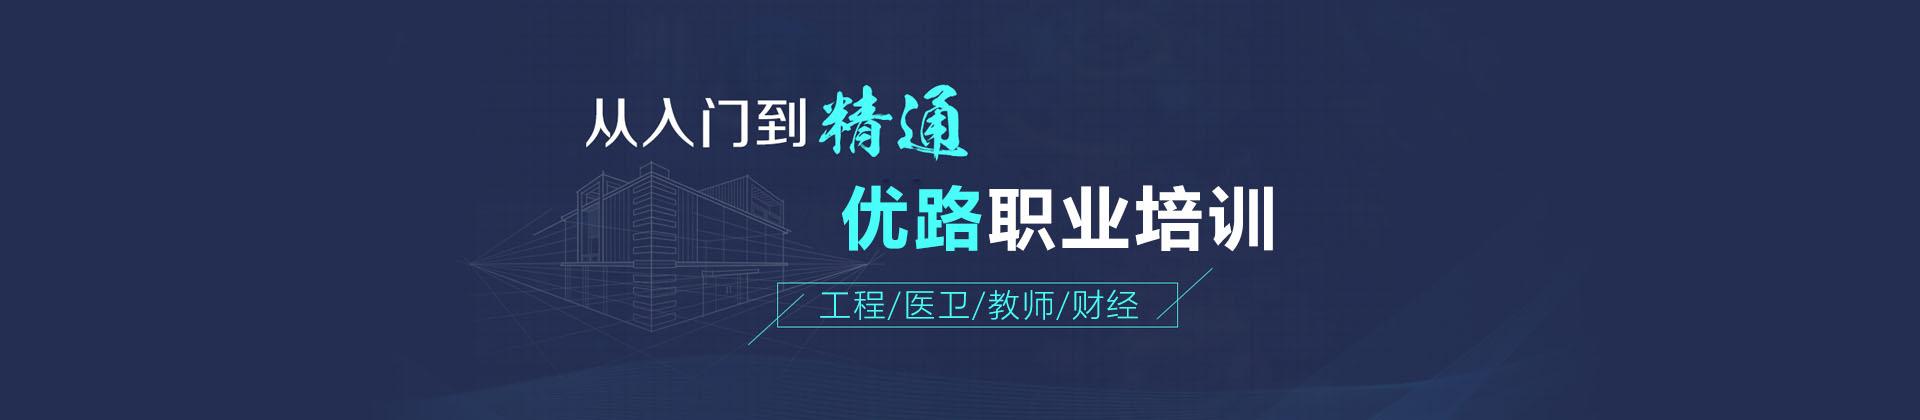 重慶優路職業培訓